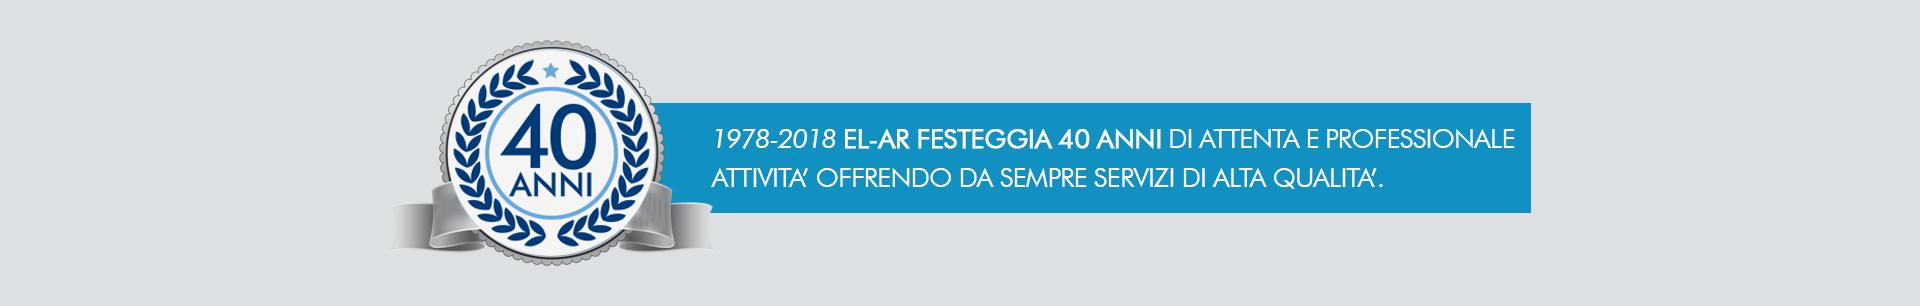 40 ANNI DI ESPERIENZA NELL AUTOMAZIONE INDUSTRIALE - EL-AR AREZZO